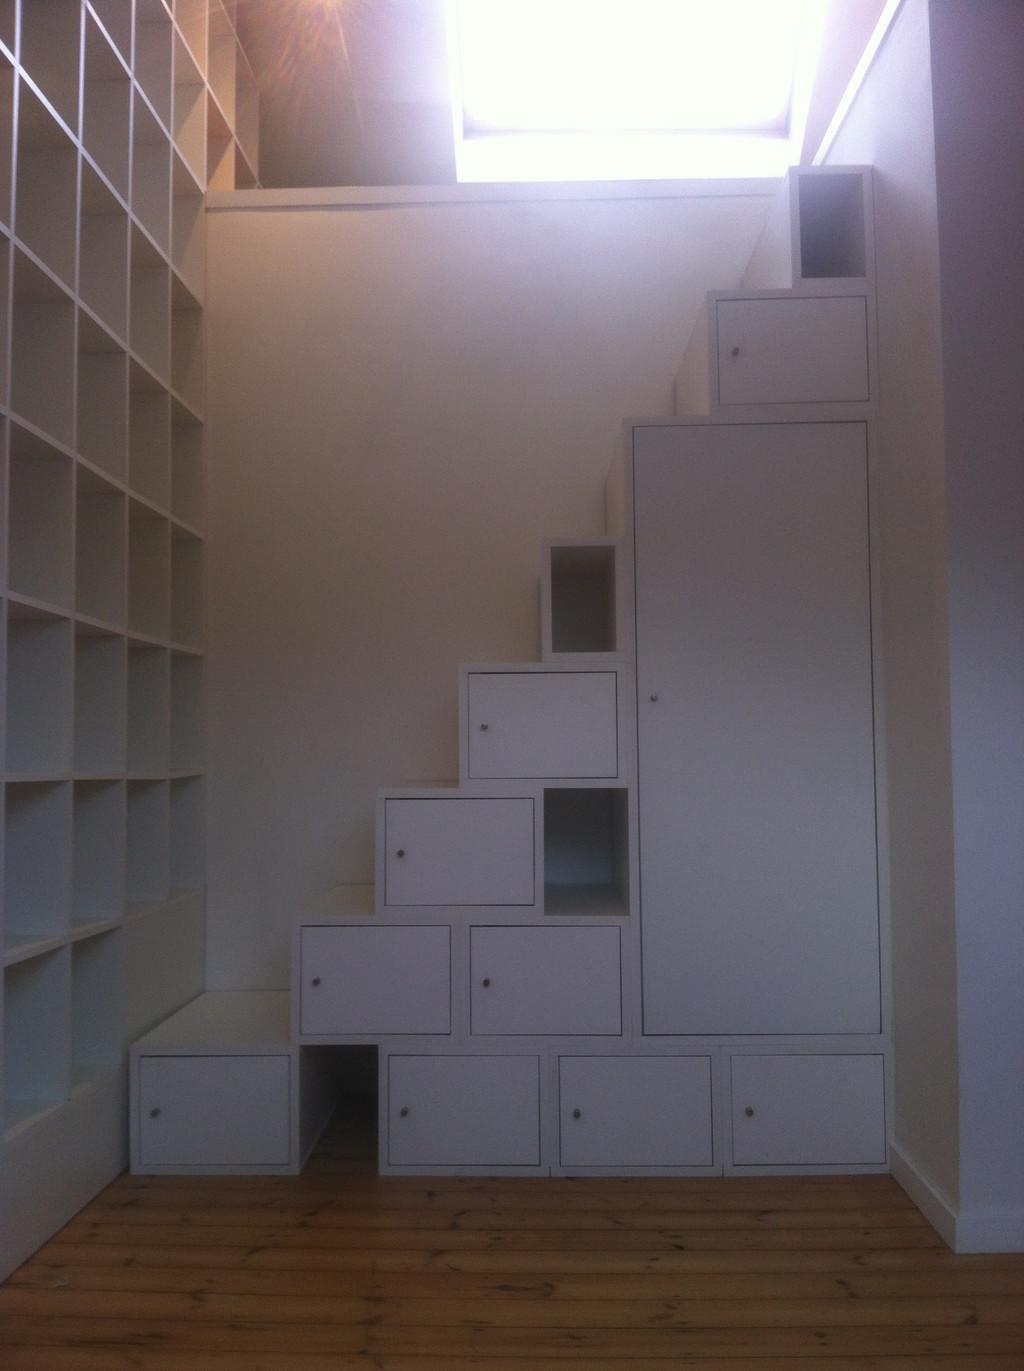 Chambre louer chez l 39 habitant avec mini cuisine et sdb - Louer une chambre au luxembourg ...